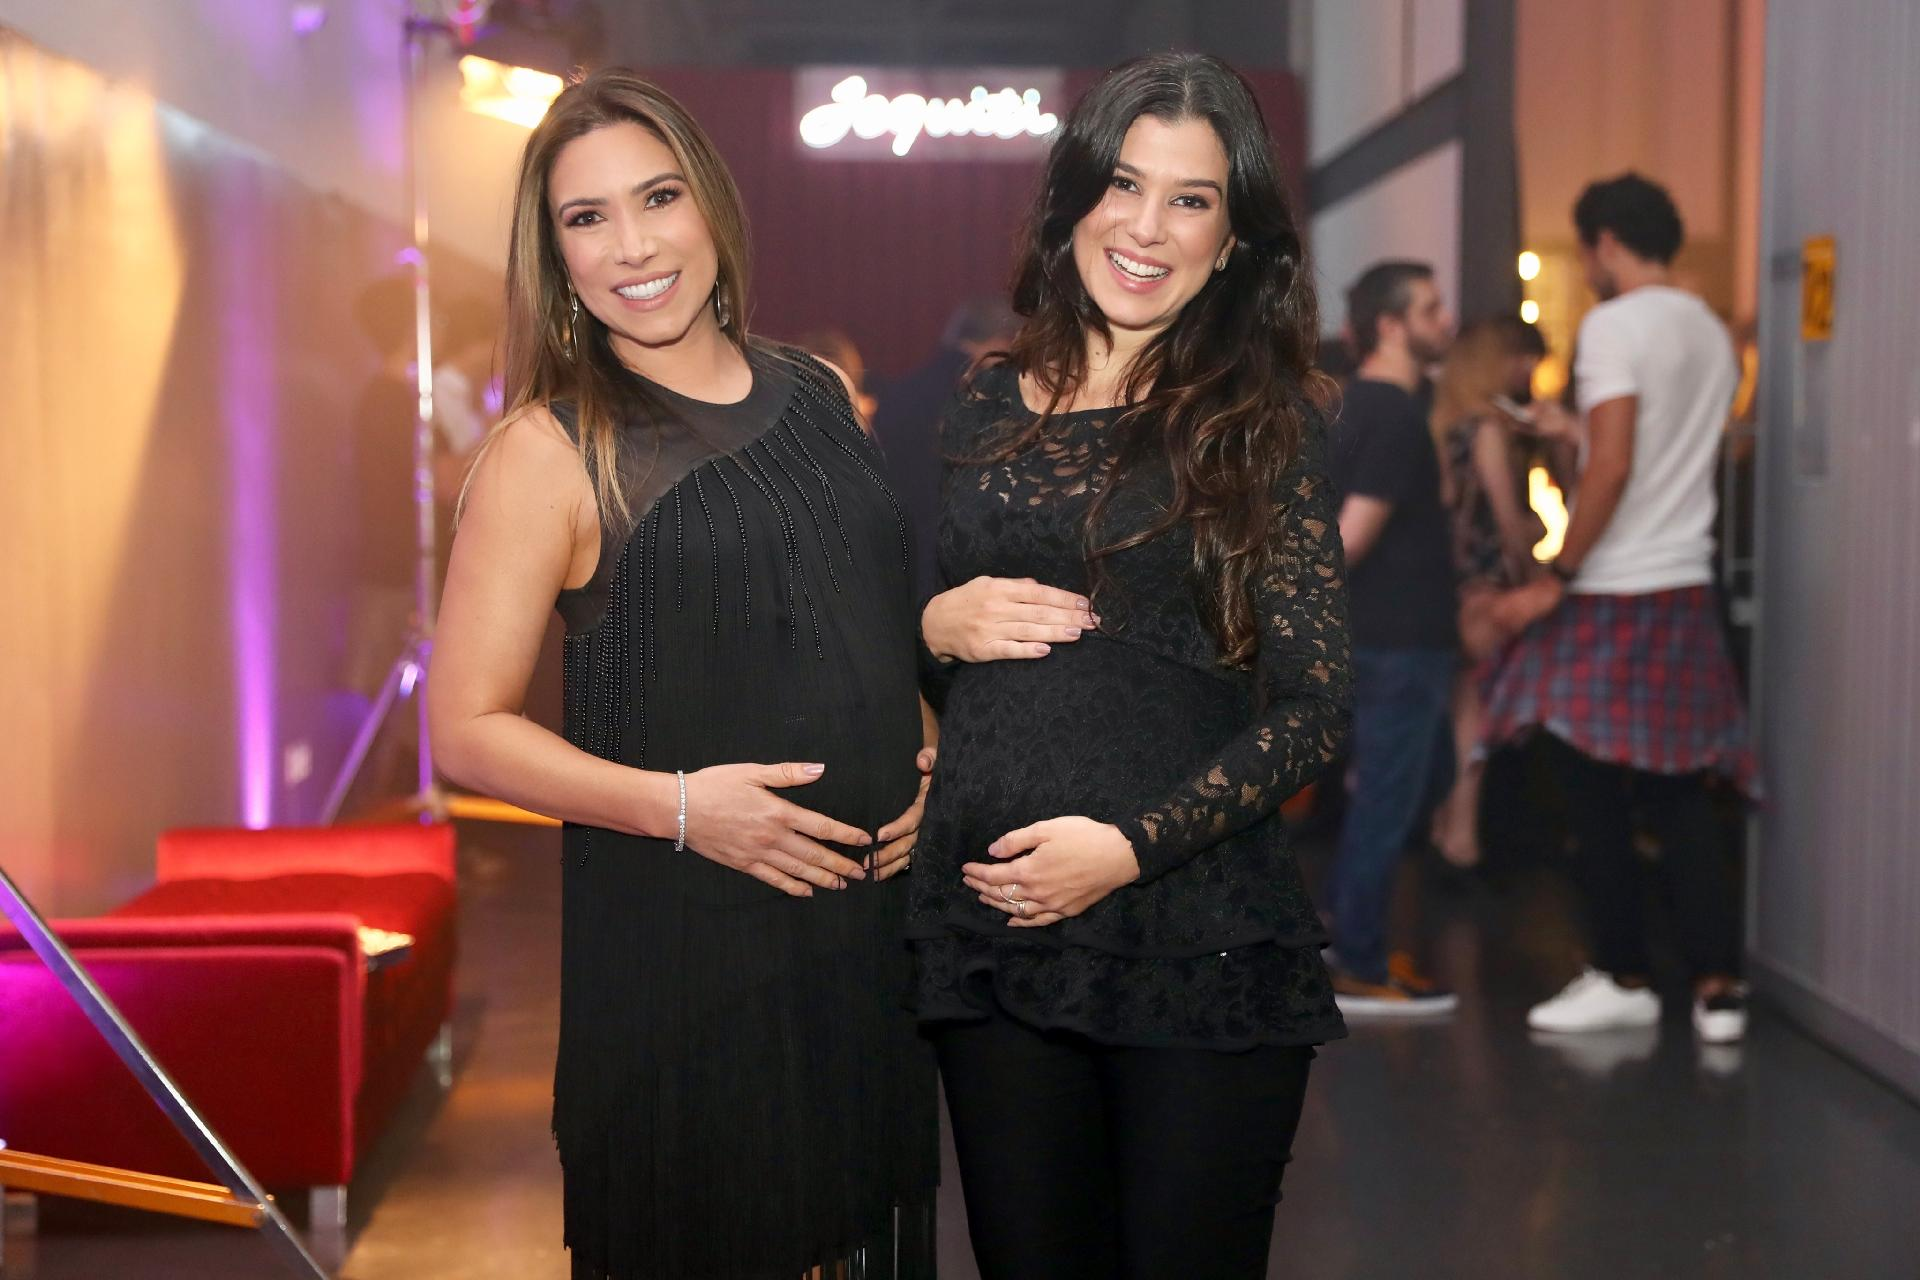 Patricia Abravanel e a irmã posam grávidas em evento - 20 09 2017 - UOL TV  e Famosos bfe3613dee